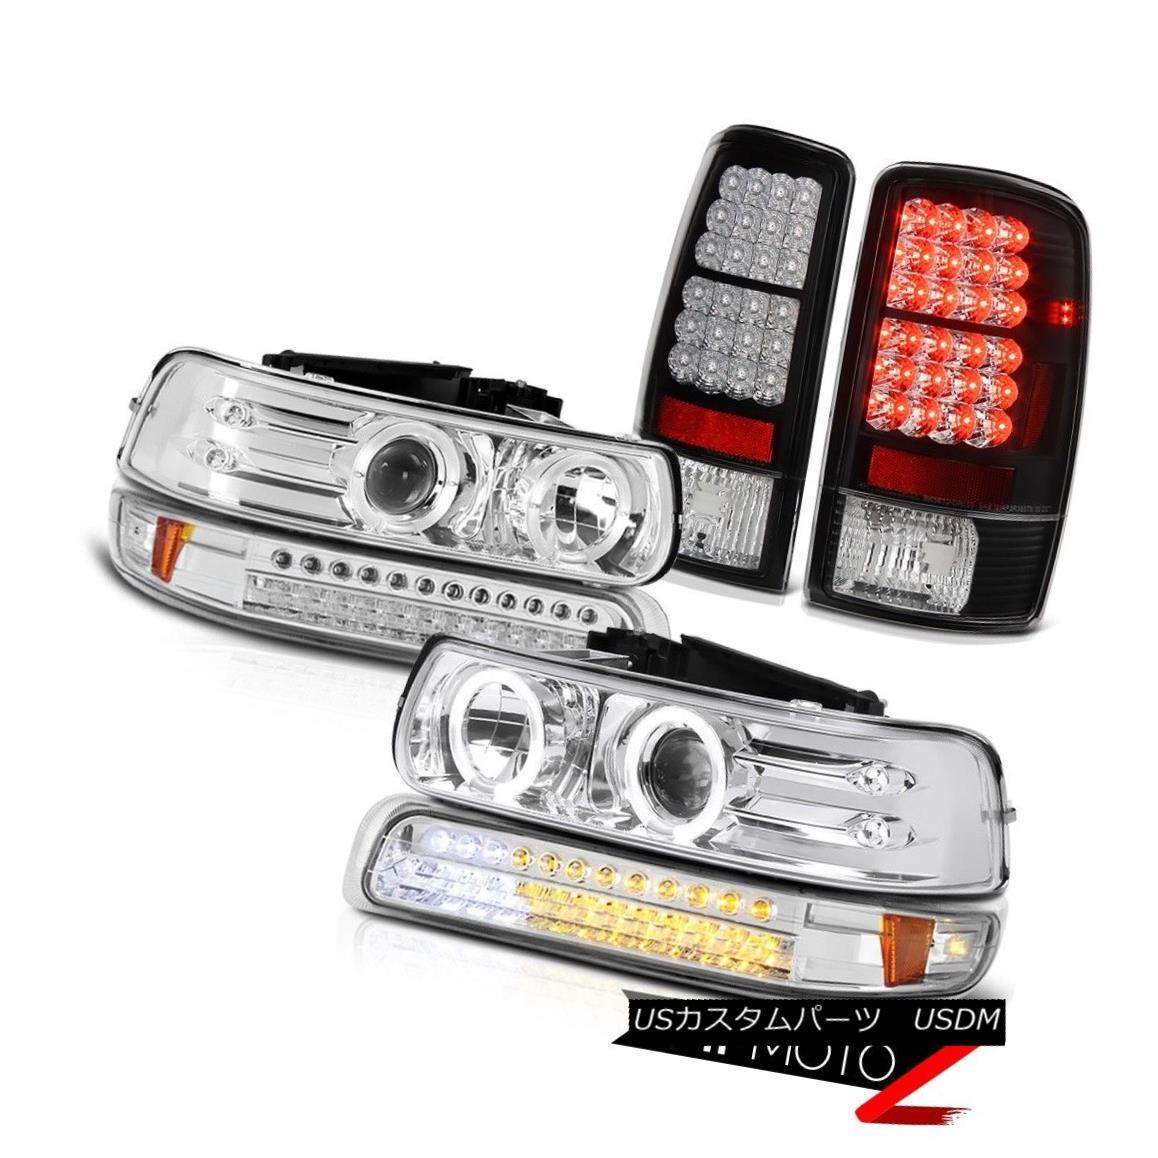 テールライト Projector Headlights Halo LED Turn Matte Black Tail Lights 2000-2006 Suburban LT プロジェクターヘッドライトHalo LEDターンマットブラックテールライト2000-2006郊外LT